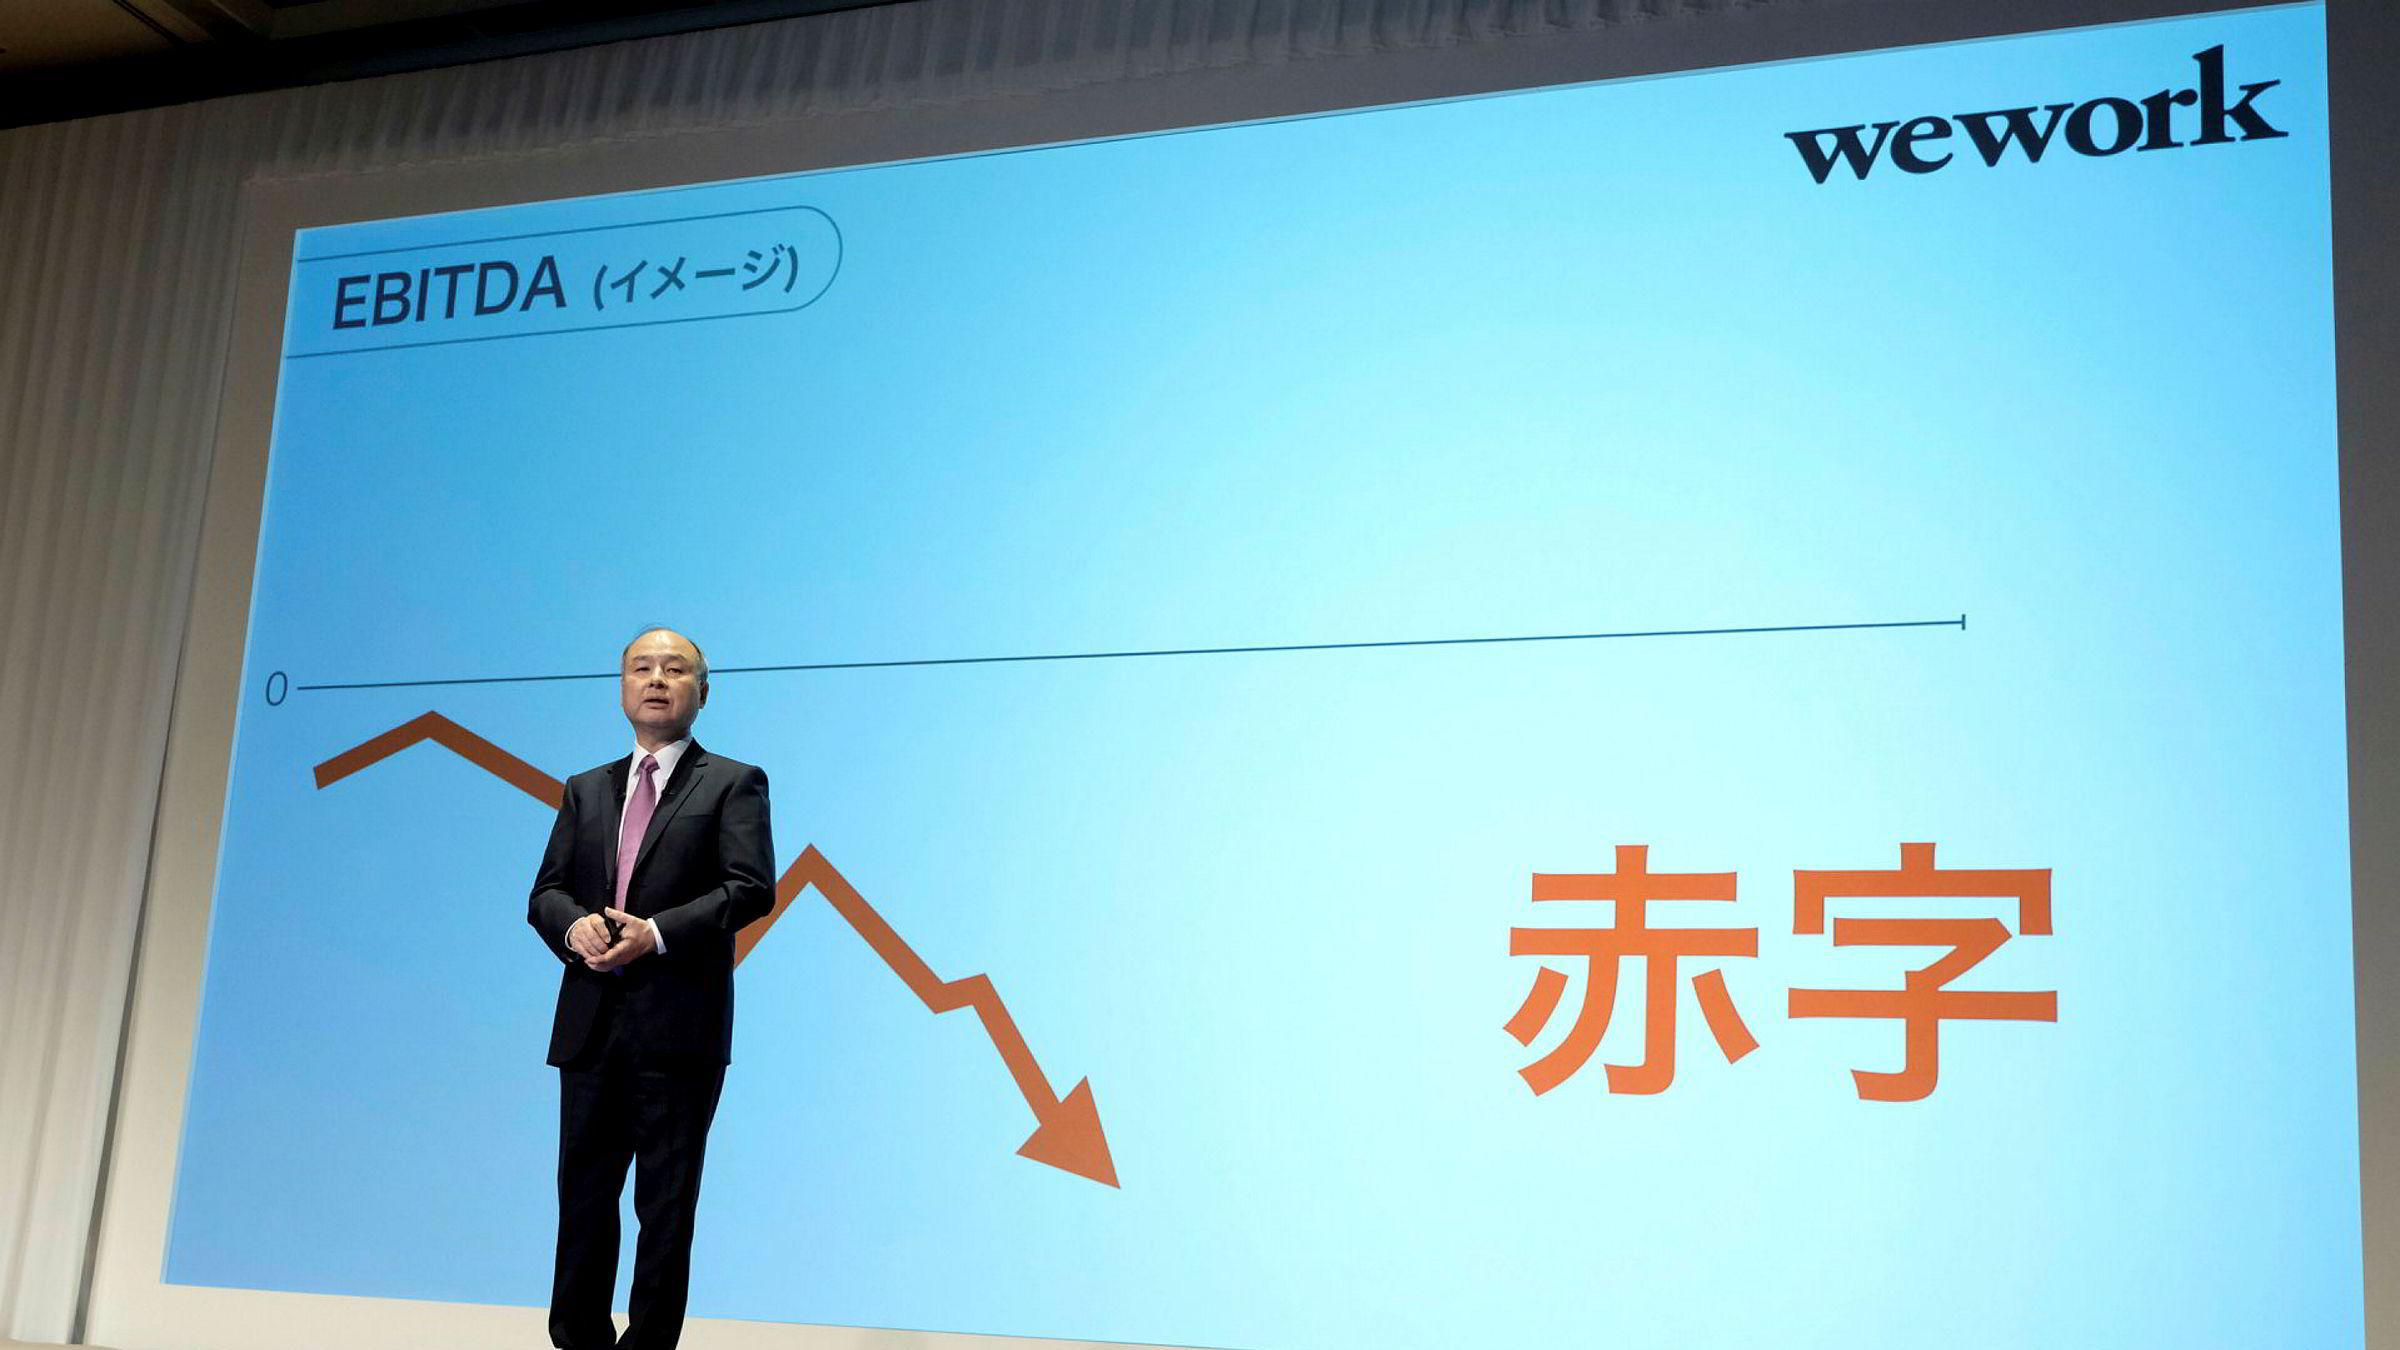 – Inntekter og overskudd er ikke mål jeg ser på lenger når jeg vurderer selskaper. Det viktigste målet er aksjonærverdier, sier toppsjef Masayoshi Son i Softbank,